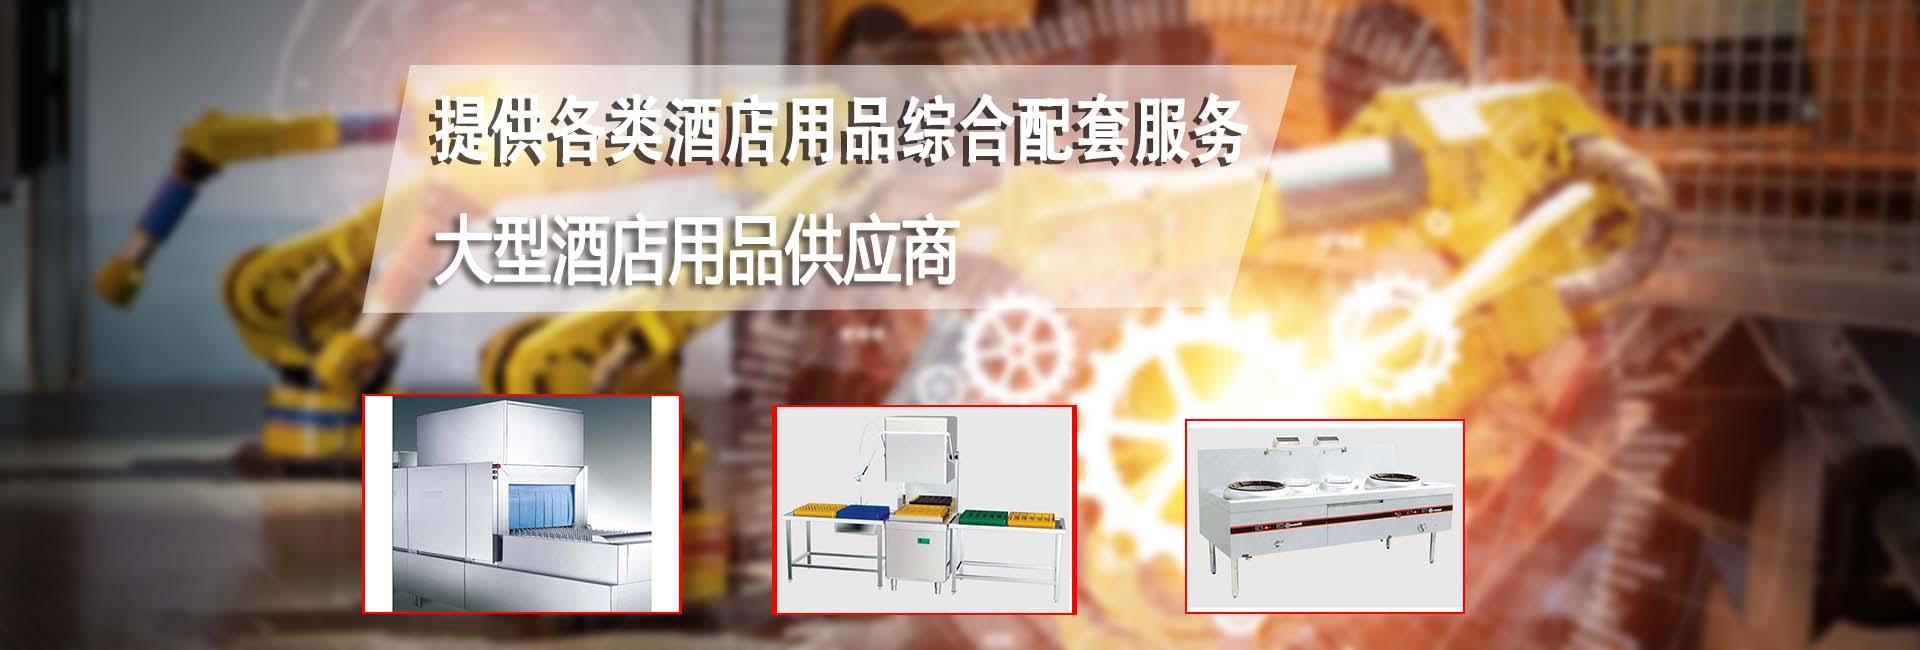 金纬度是一家成都厨房设备厂家,专业提供四川商用厨房设备